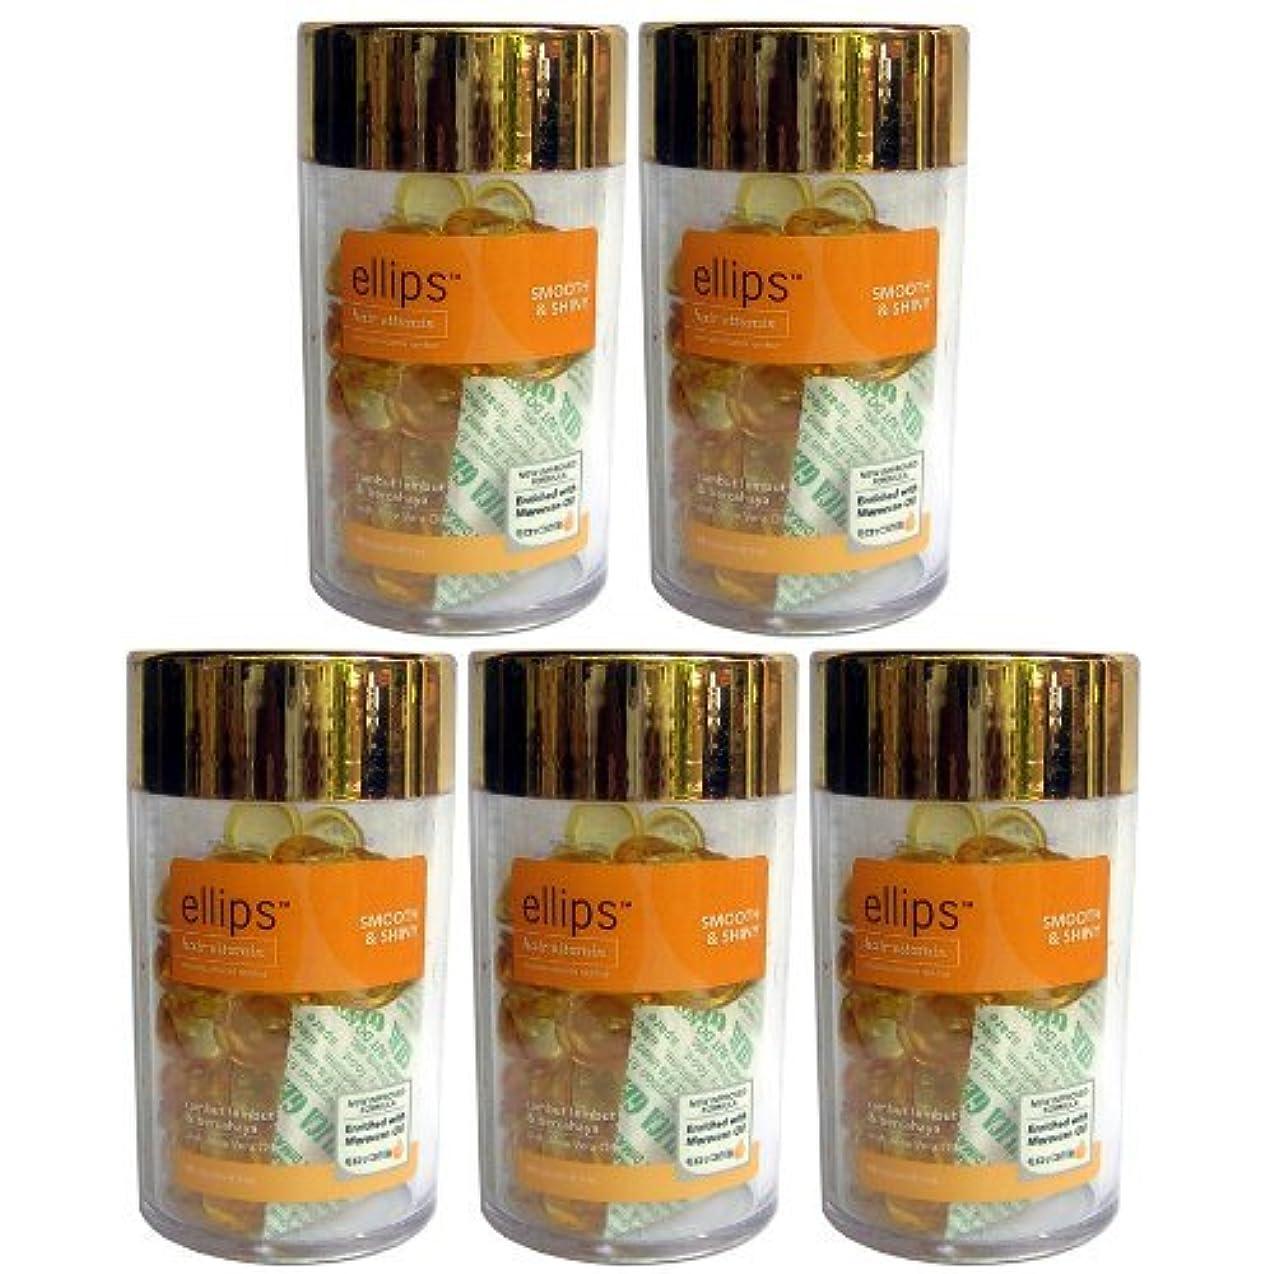 容器家タウポ湖Ellips(エリプス)ヘアビタミン(50粒入)5個セット [並行輸入品][海外直送品] イエロー